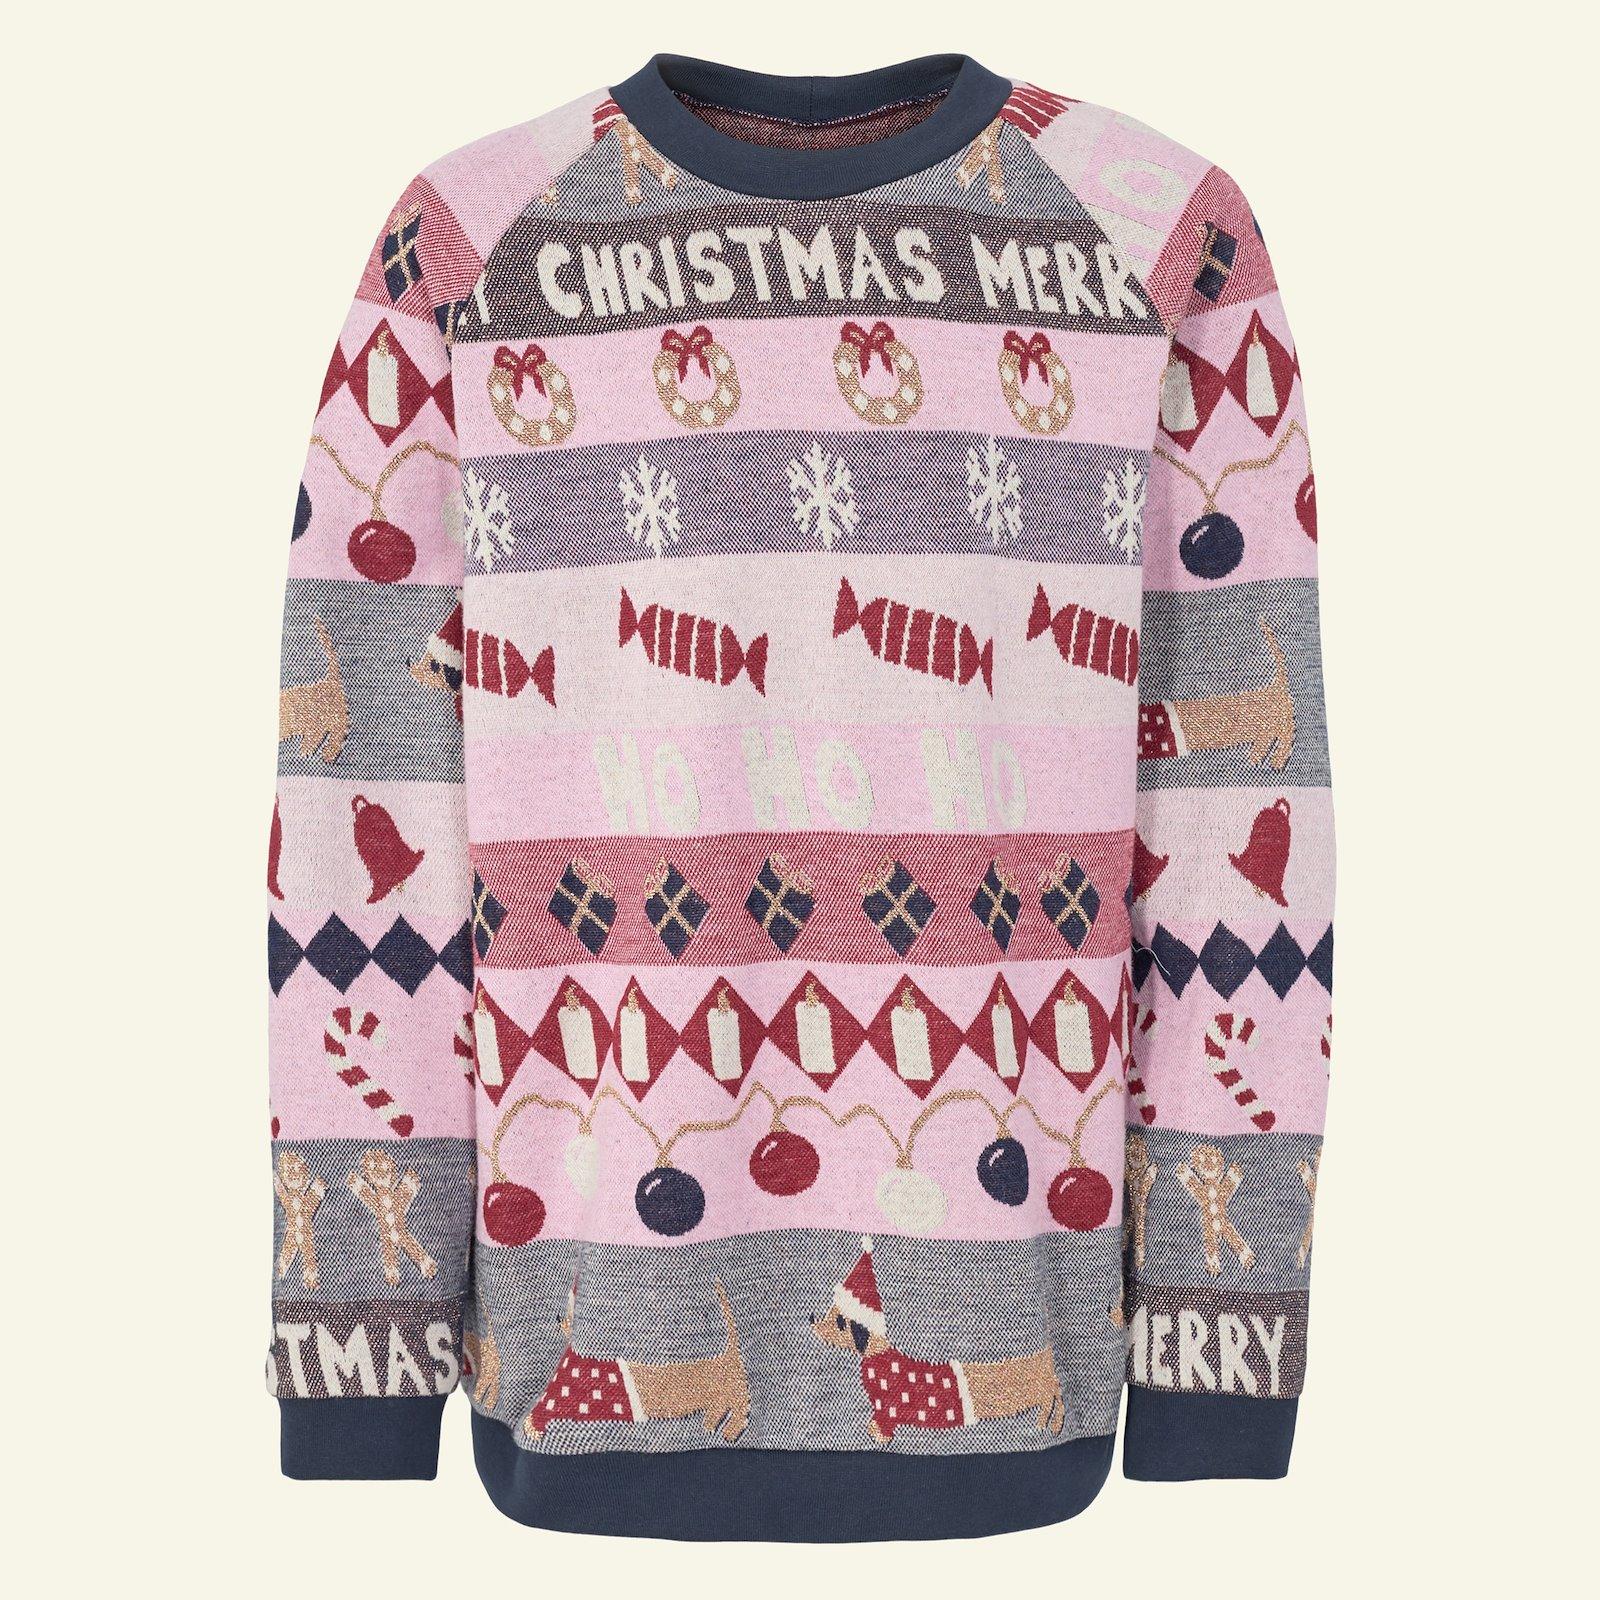 Sweatshirt with raglan sleeves, 134/9y p62015_203839_230639_sskit